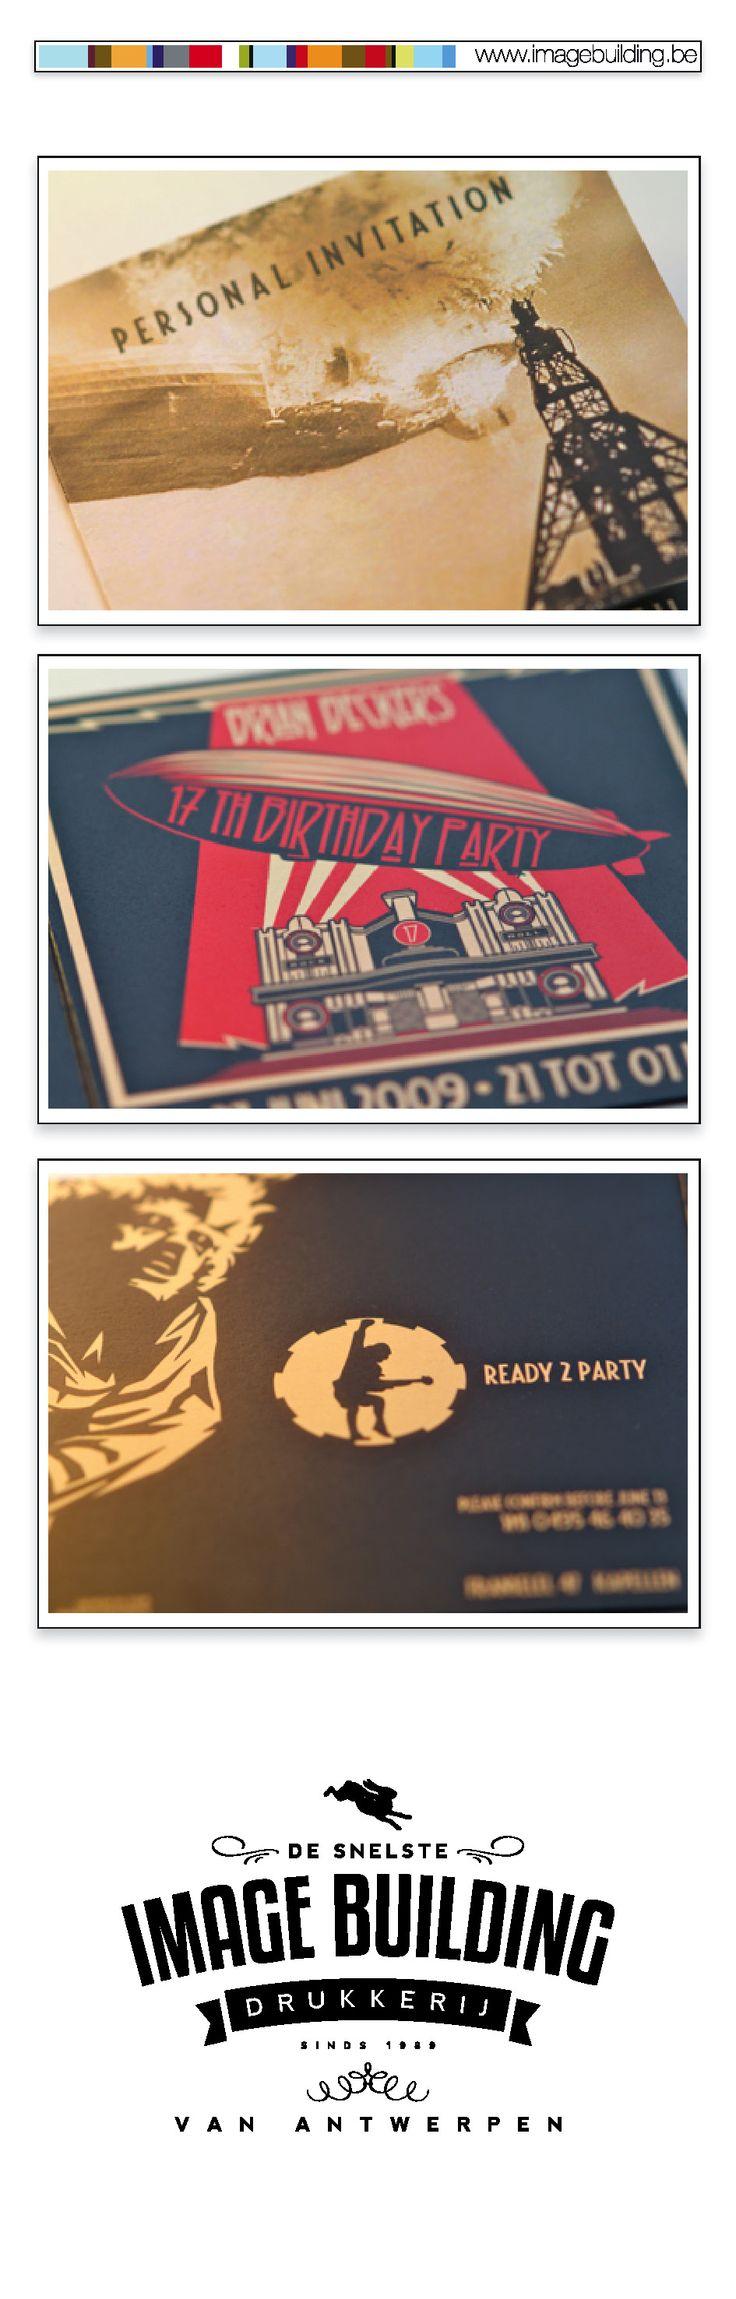 Ontwerp en druk uitnodiging privéfeest 17de verjaardag volgens thema ACDC. #imagebuildingnv #desnelstedrukkerijvanantwerpen #uitnodiging #graphicdesign #grafisch #ontwerp #opmaak #drukwerk